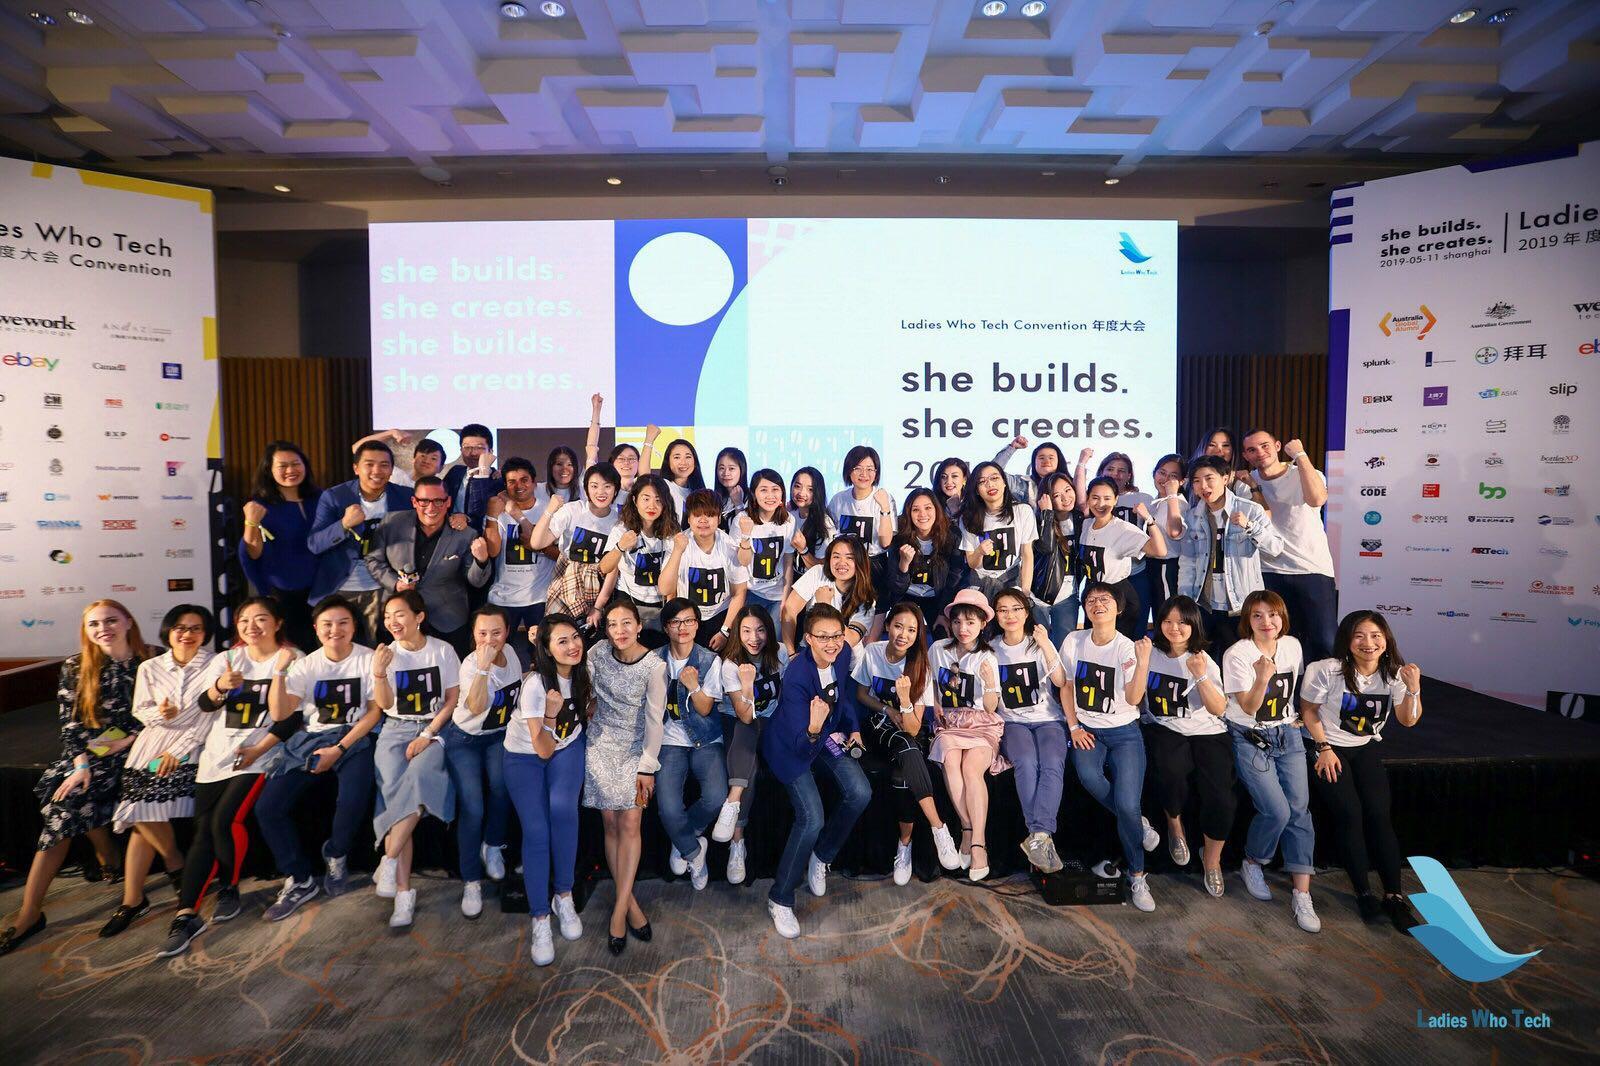 澳大利亚2019科技女性年度大会在沪举行